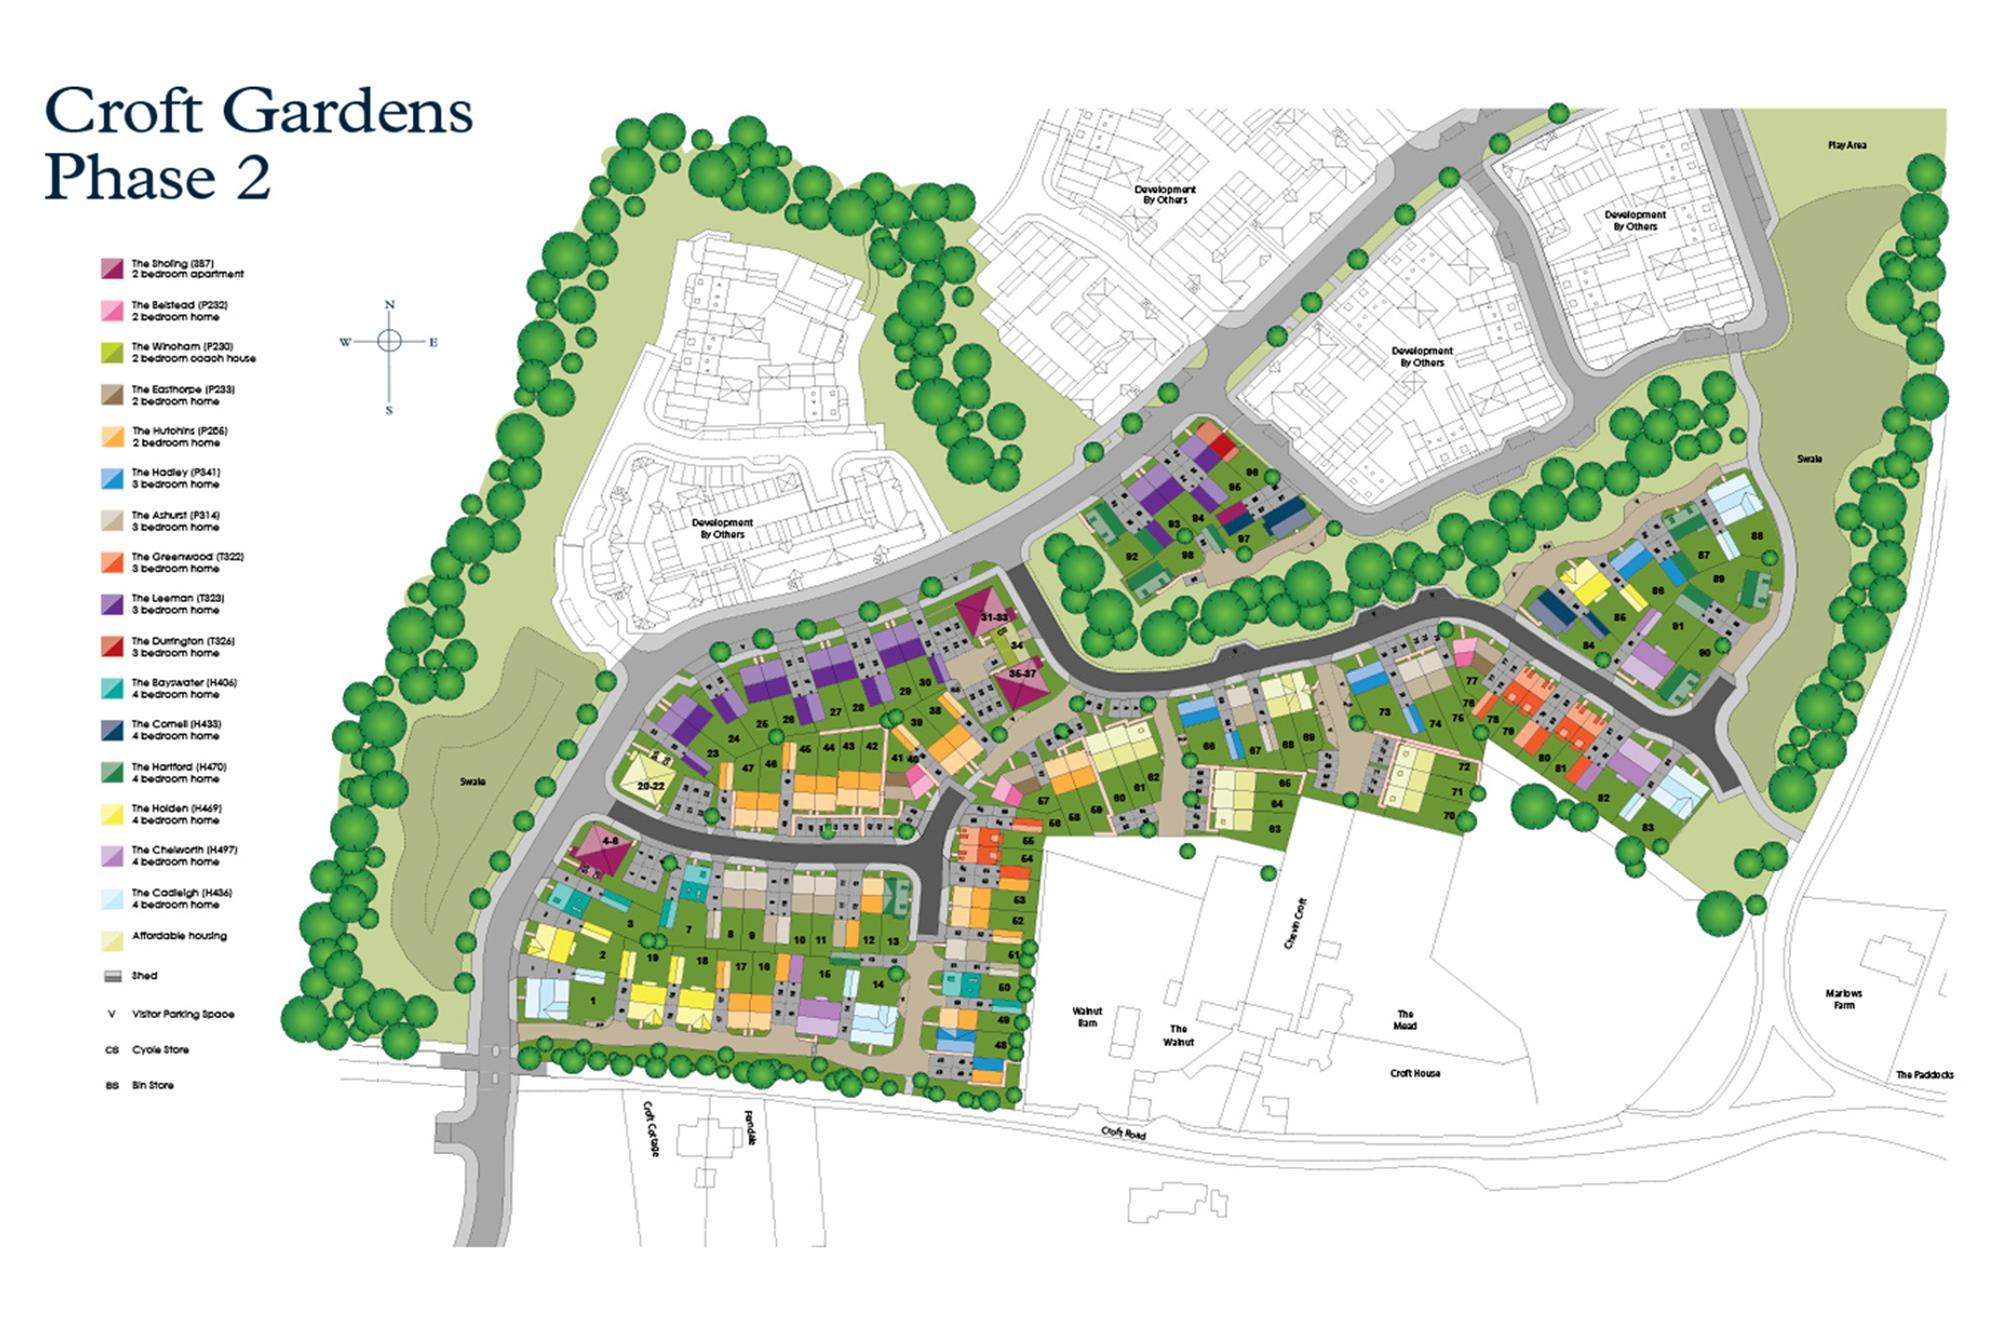 Croft Gardens Phase 2